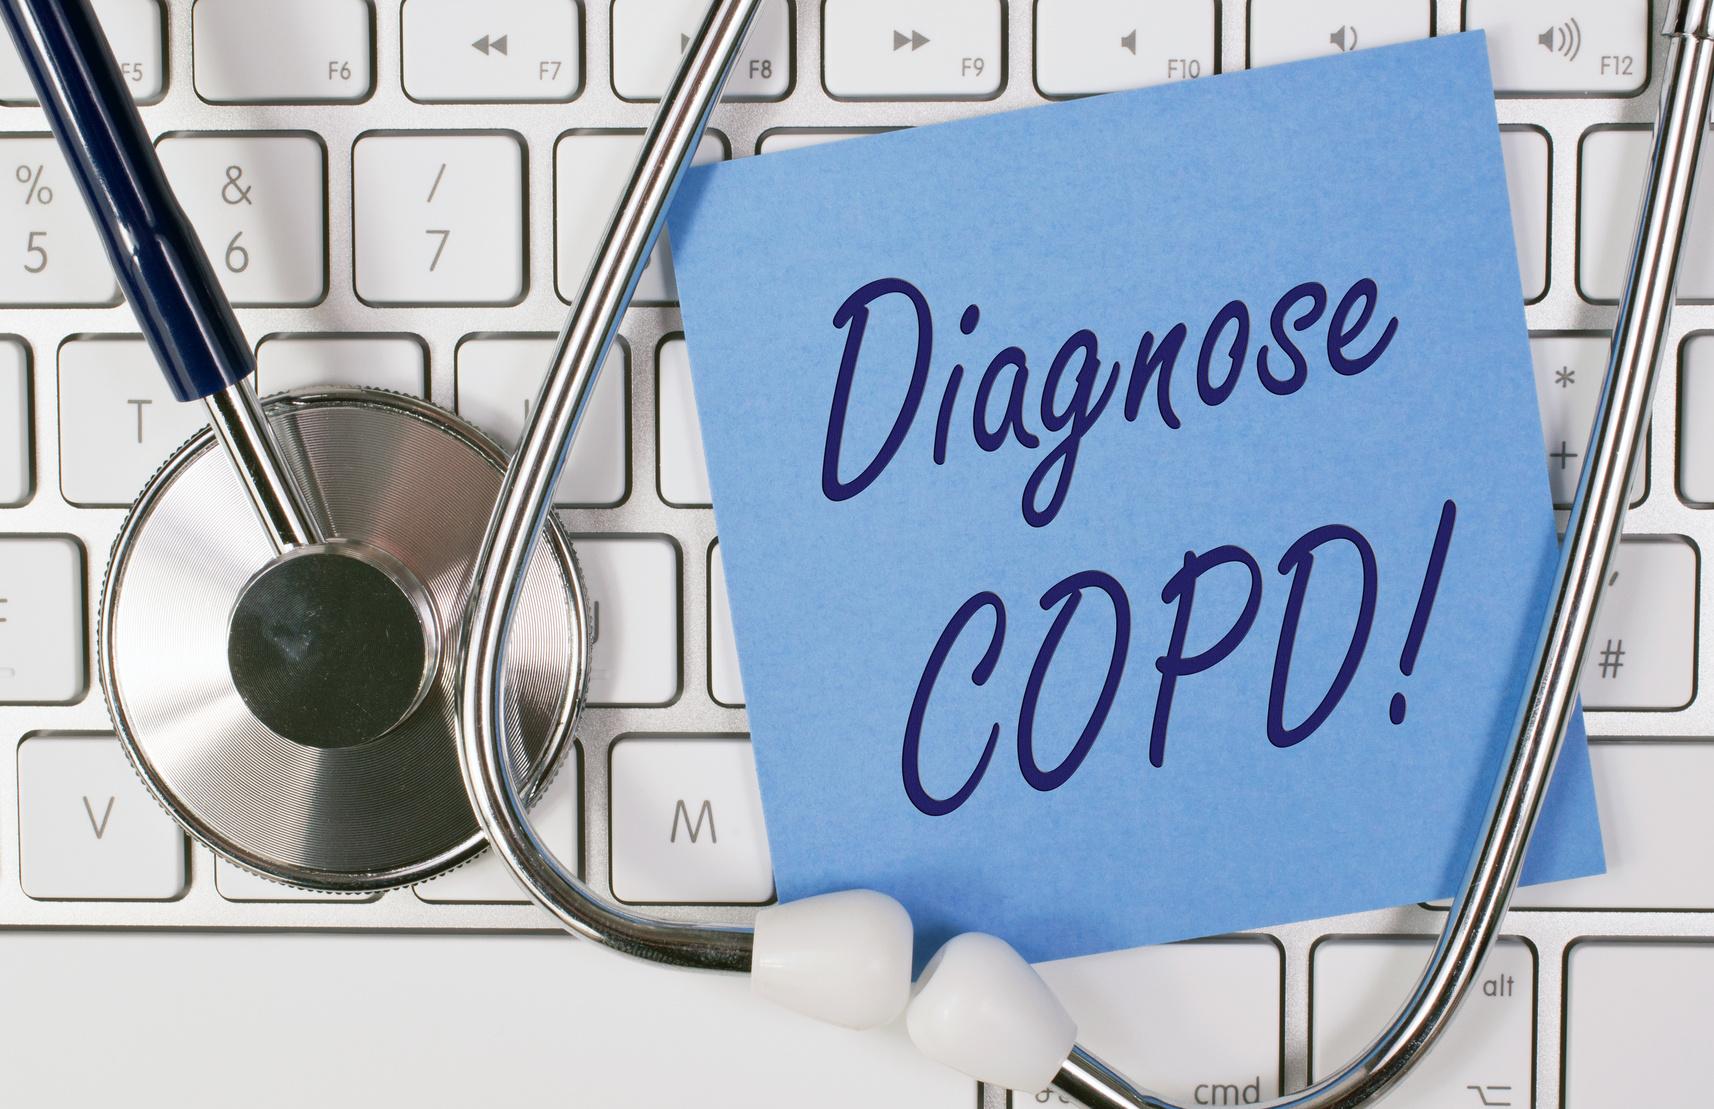 chronische-bronchitis-copd-diagnose-stethoskop-blaue-notiz-weiße-tastatur